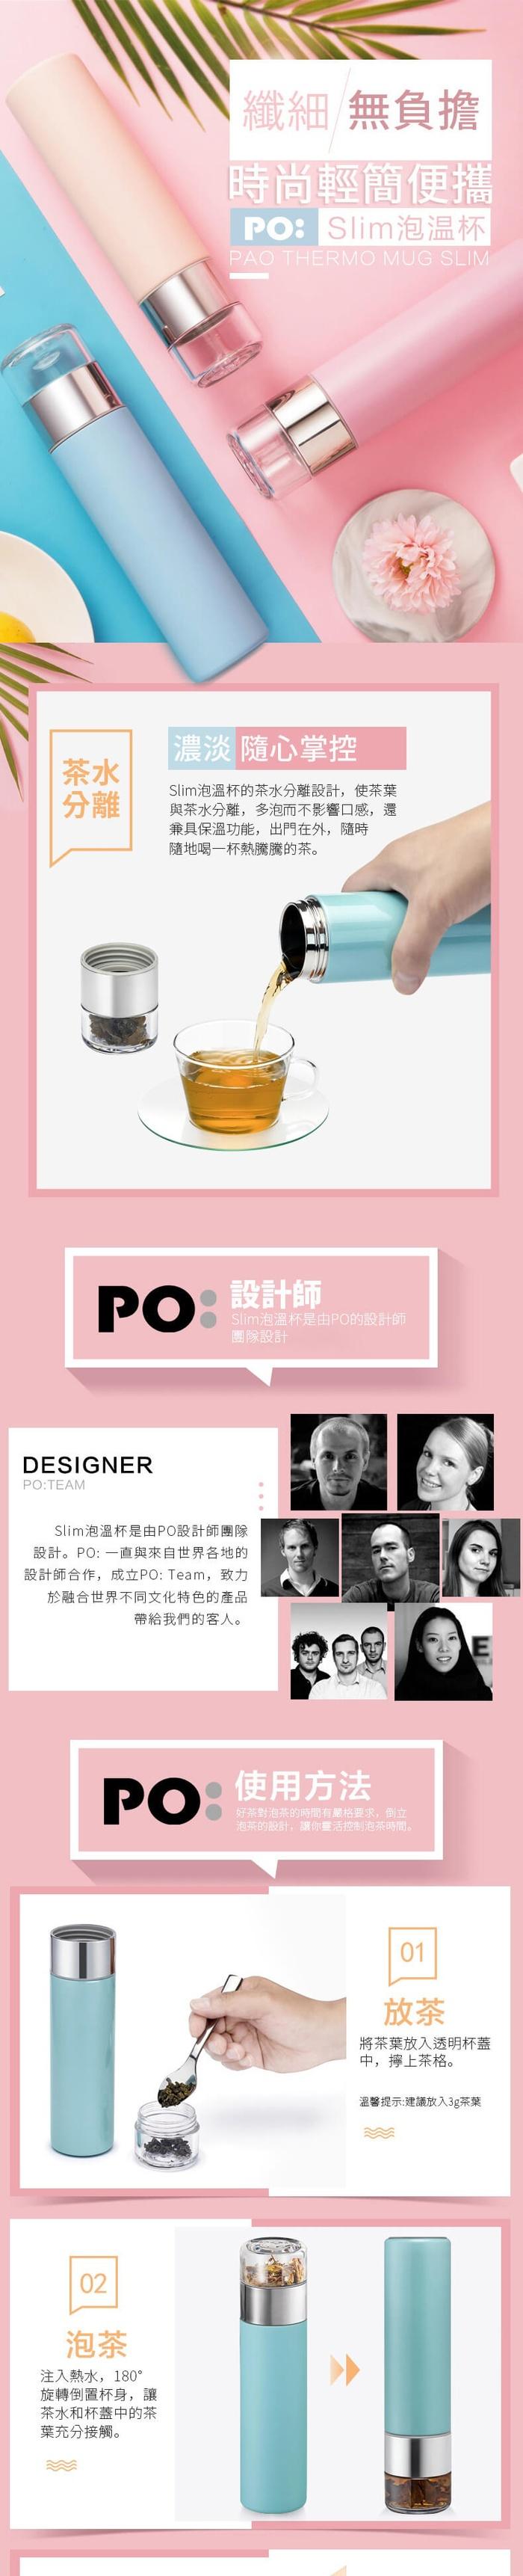 (複製)PO:Selected|丹麥掀蓋12oz保溫泡茶杯(粉-黑蓋)